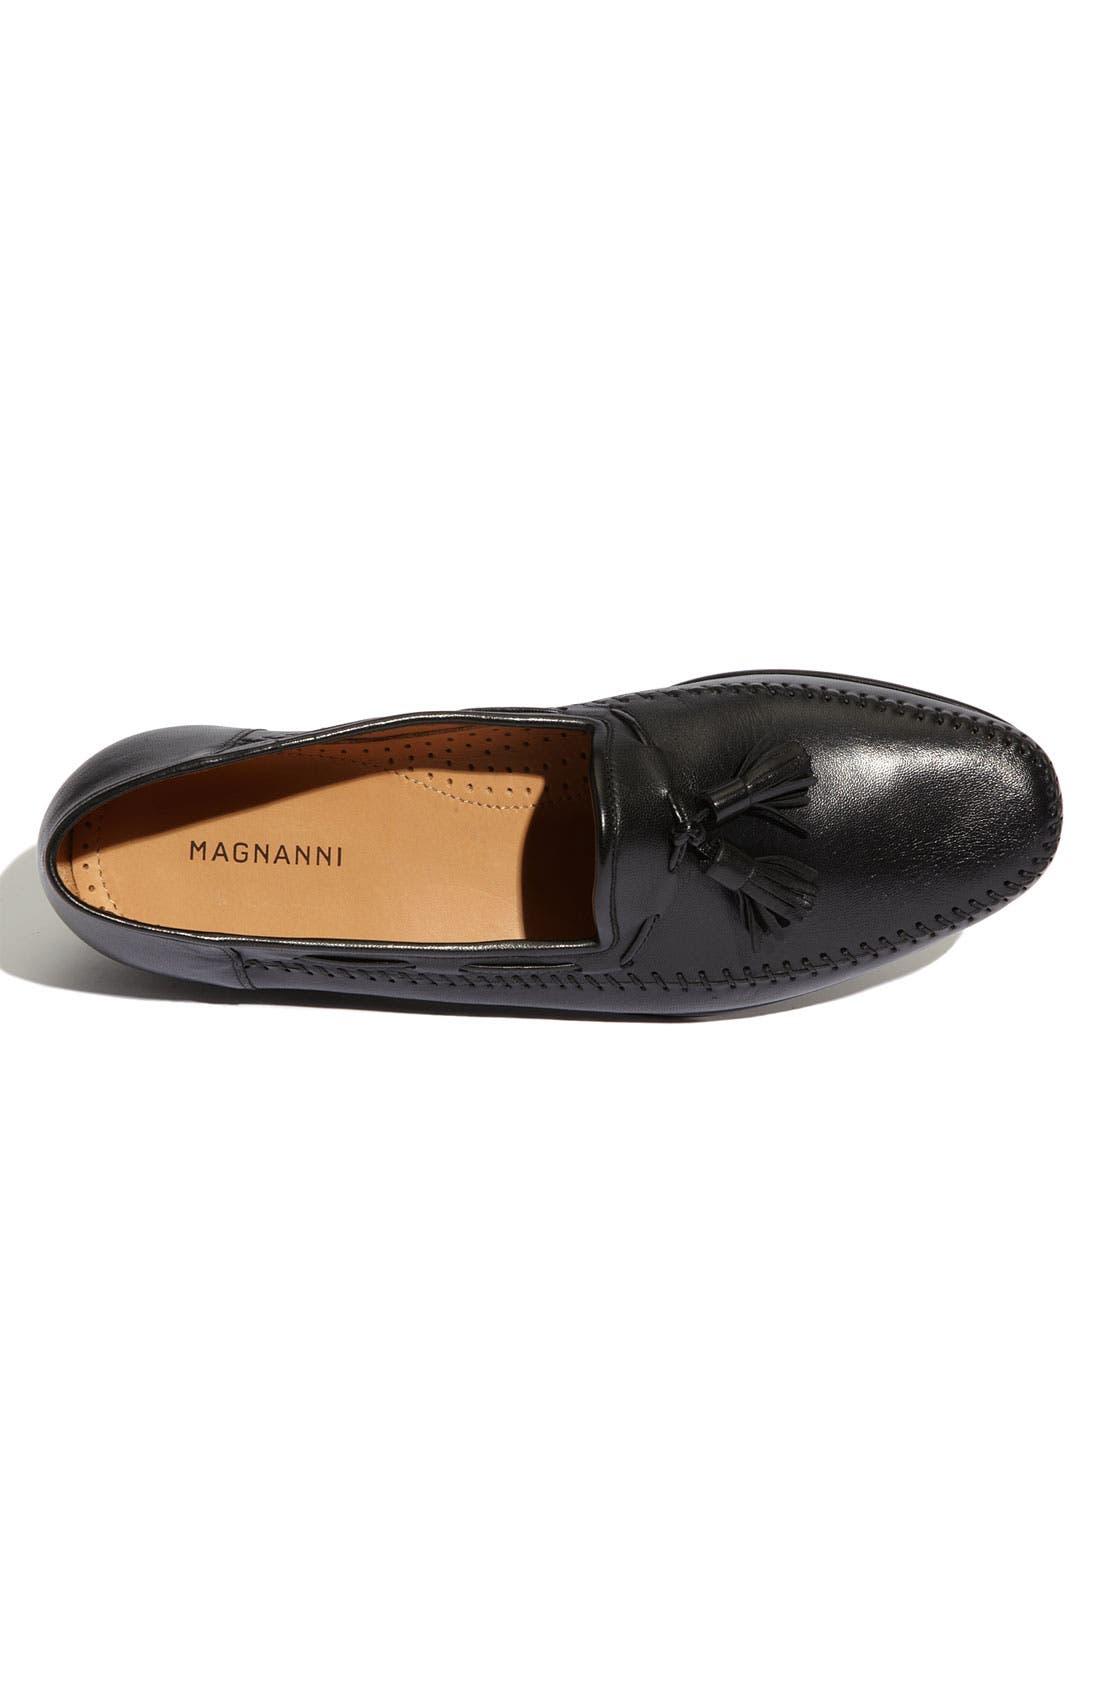 Alternate Image 3  - Magnanni 'Ancona' Loafer